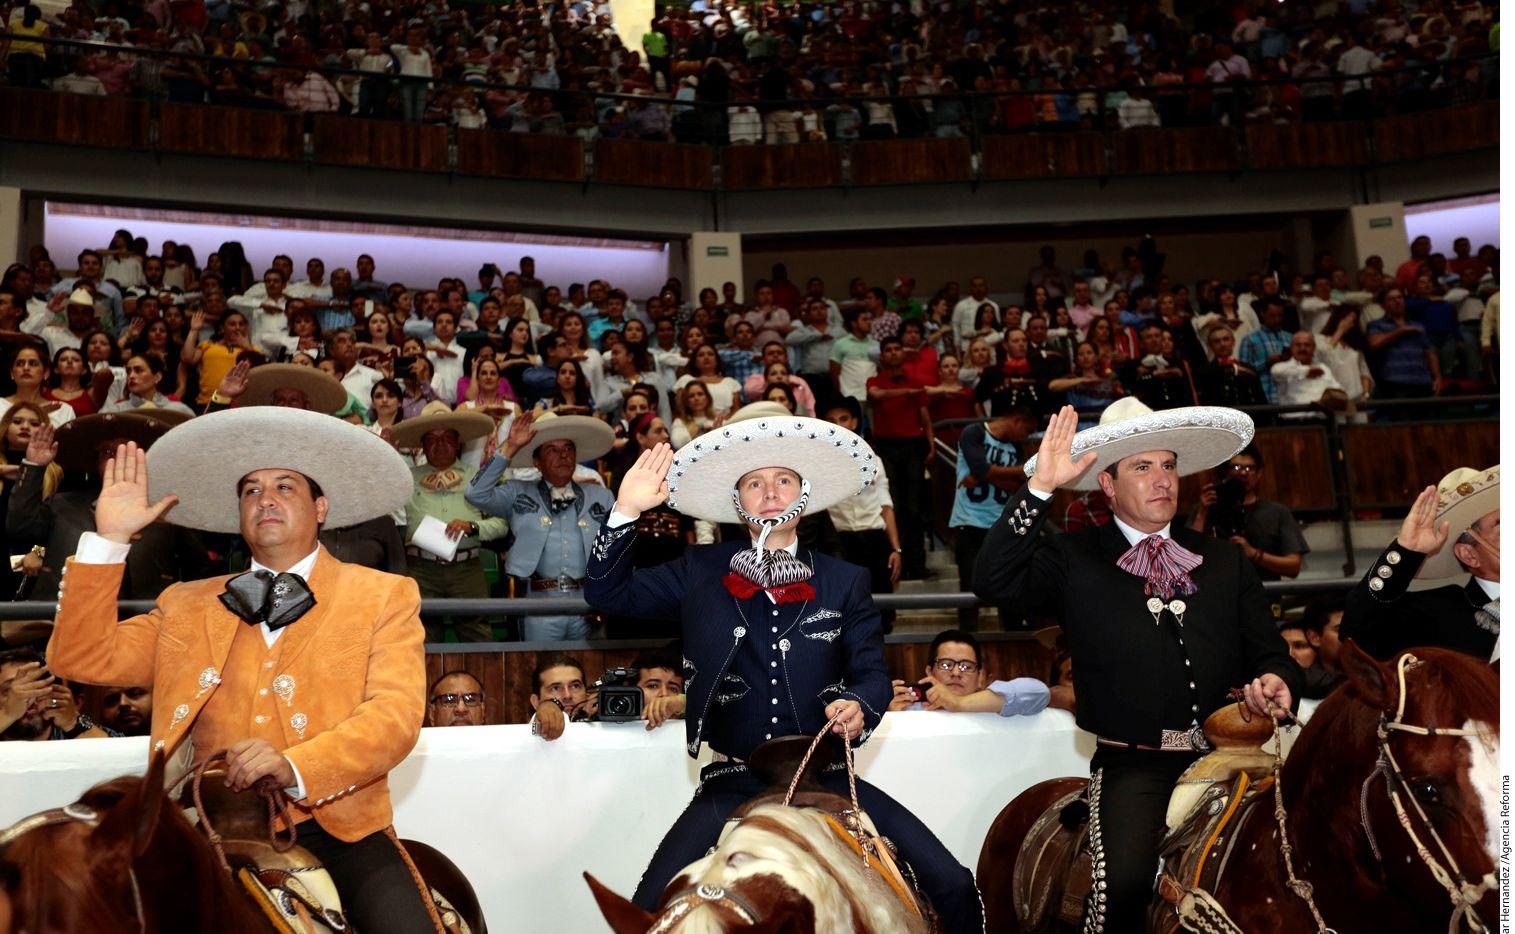 Los Gobernadores de Puebla y Tamaulipas, Rafael Moreno Valle (der.) y Francisco García Cabeza de Vaca (izq.), respectivamente, acompañaron al Gobernador de Chiapas, Manuel Velasco (centro), en la inauguración del Campeonato Charro 2016./AGENCIA REFORMA